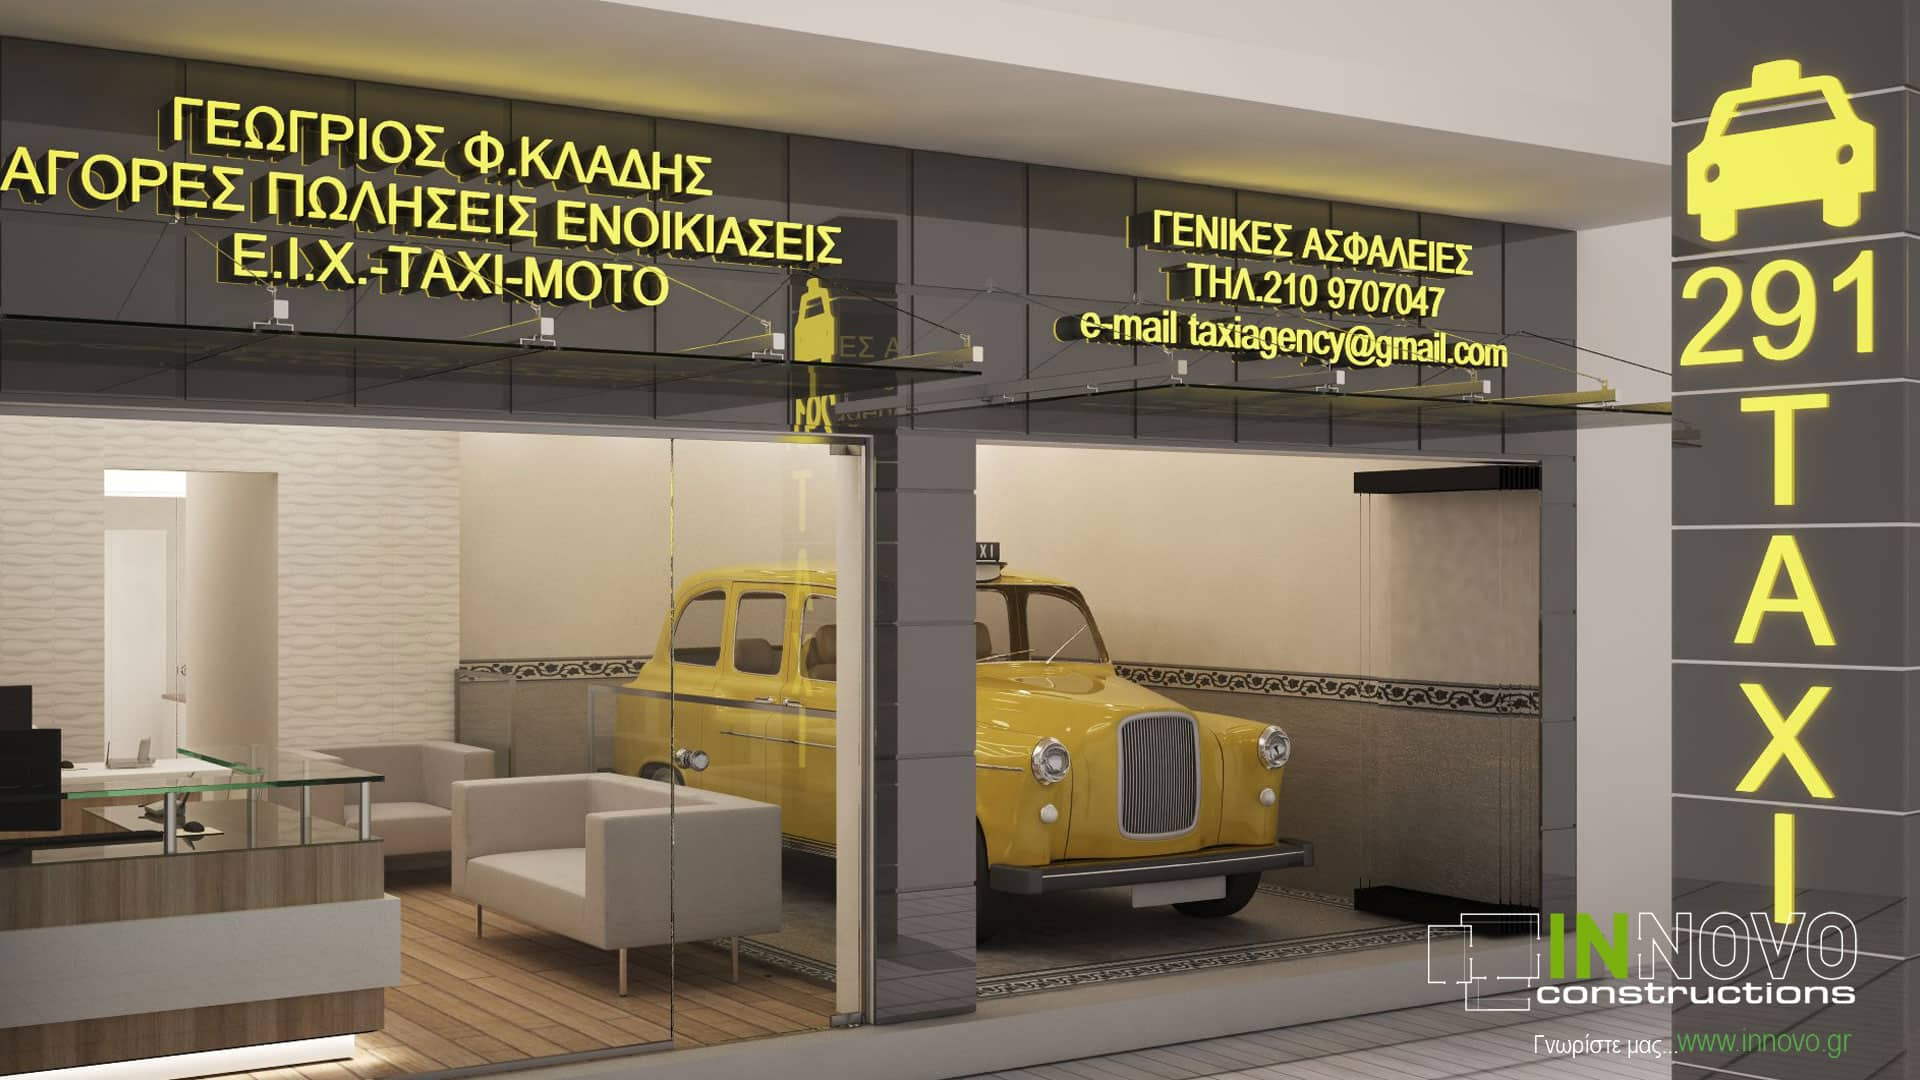 anakainisi-grafeiou-taxi-agency-renovation-grafeia-ag.dimitrios-2145-2